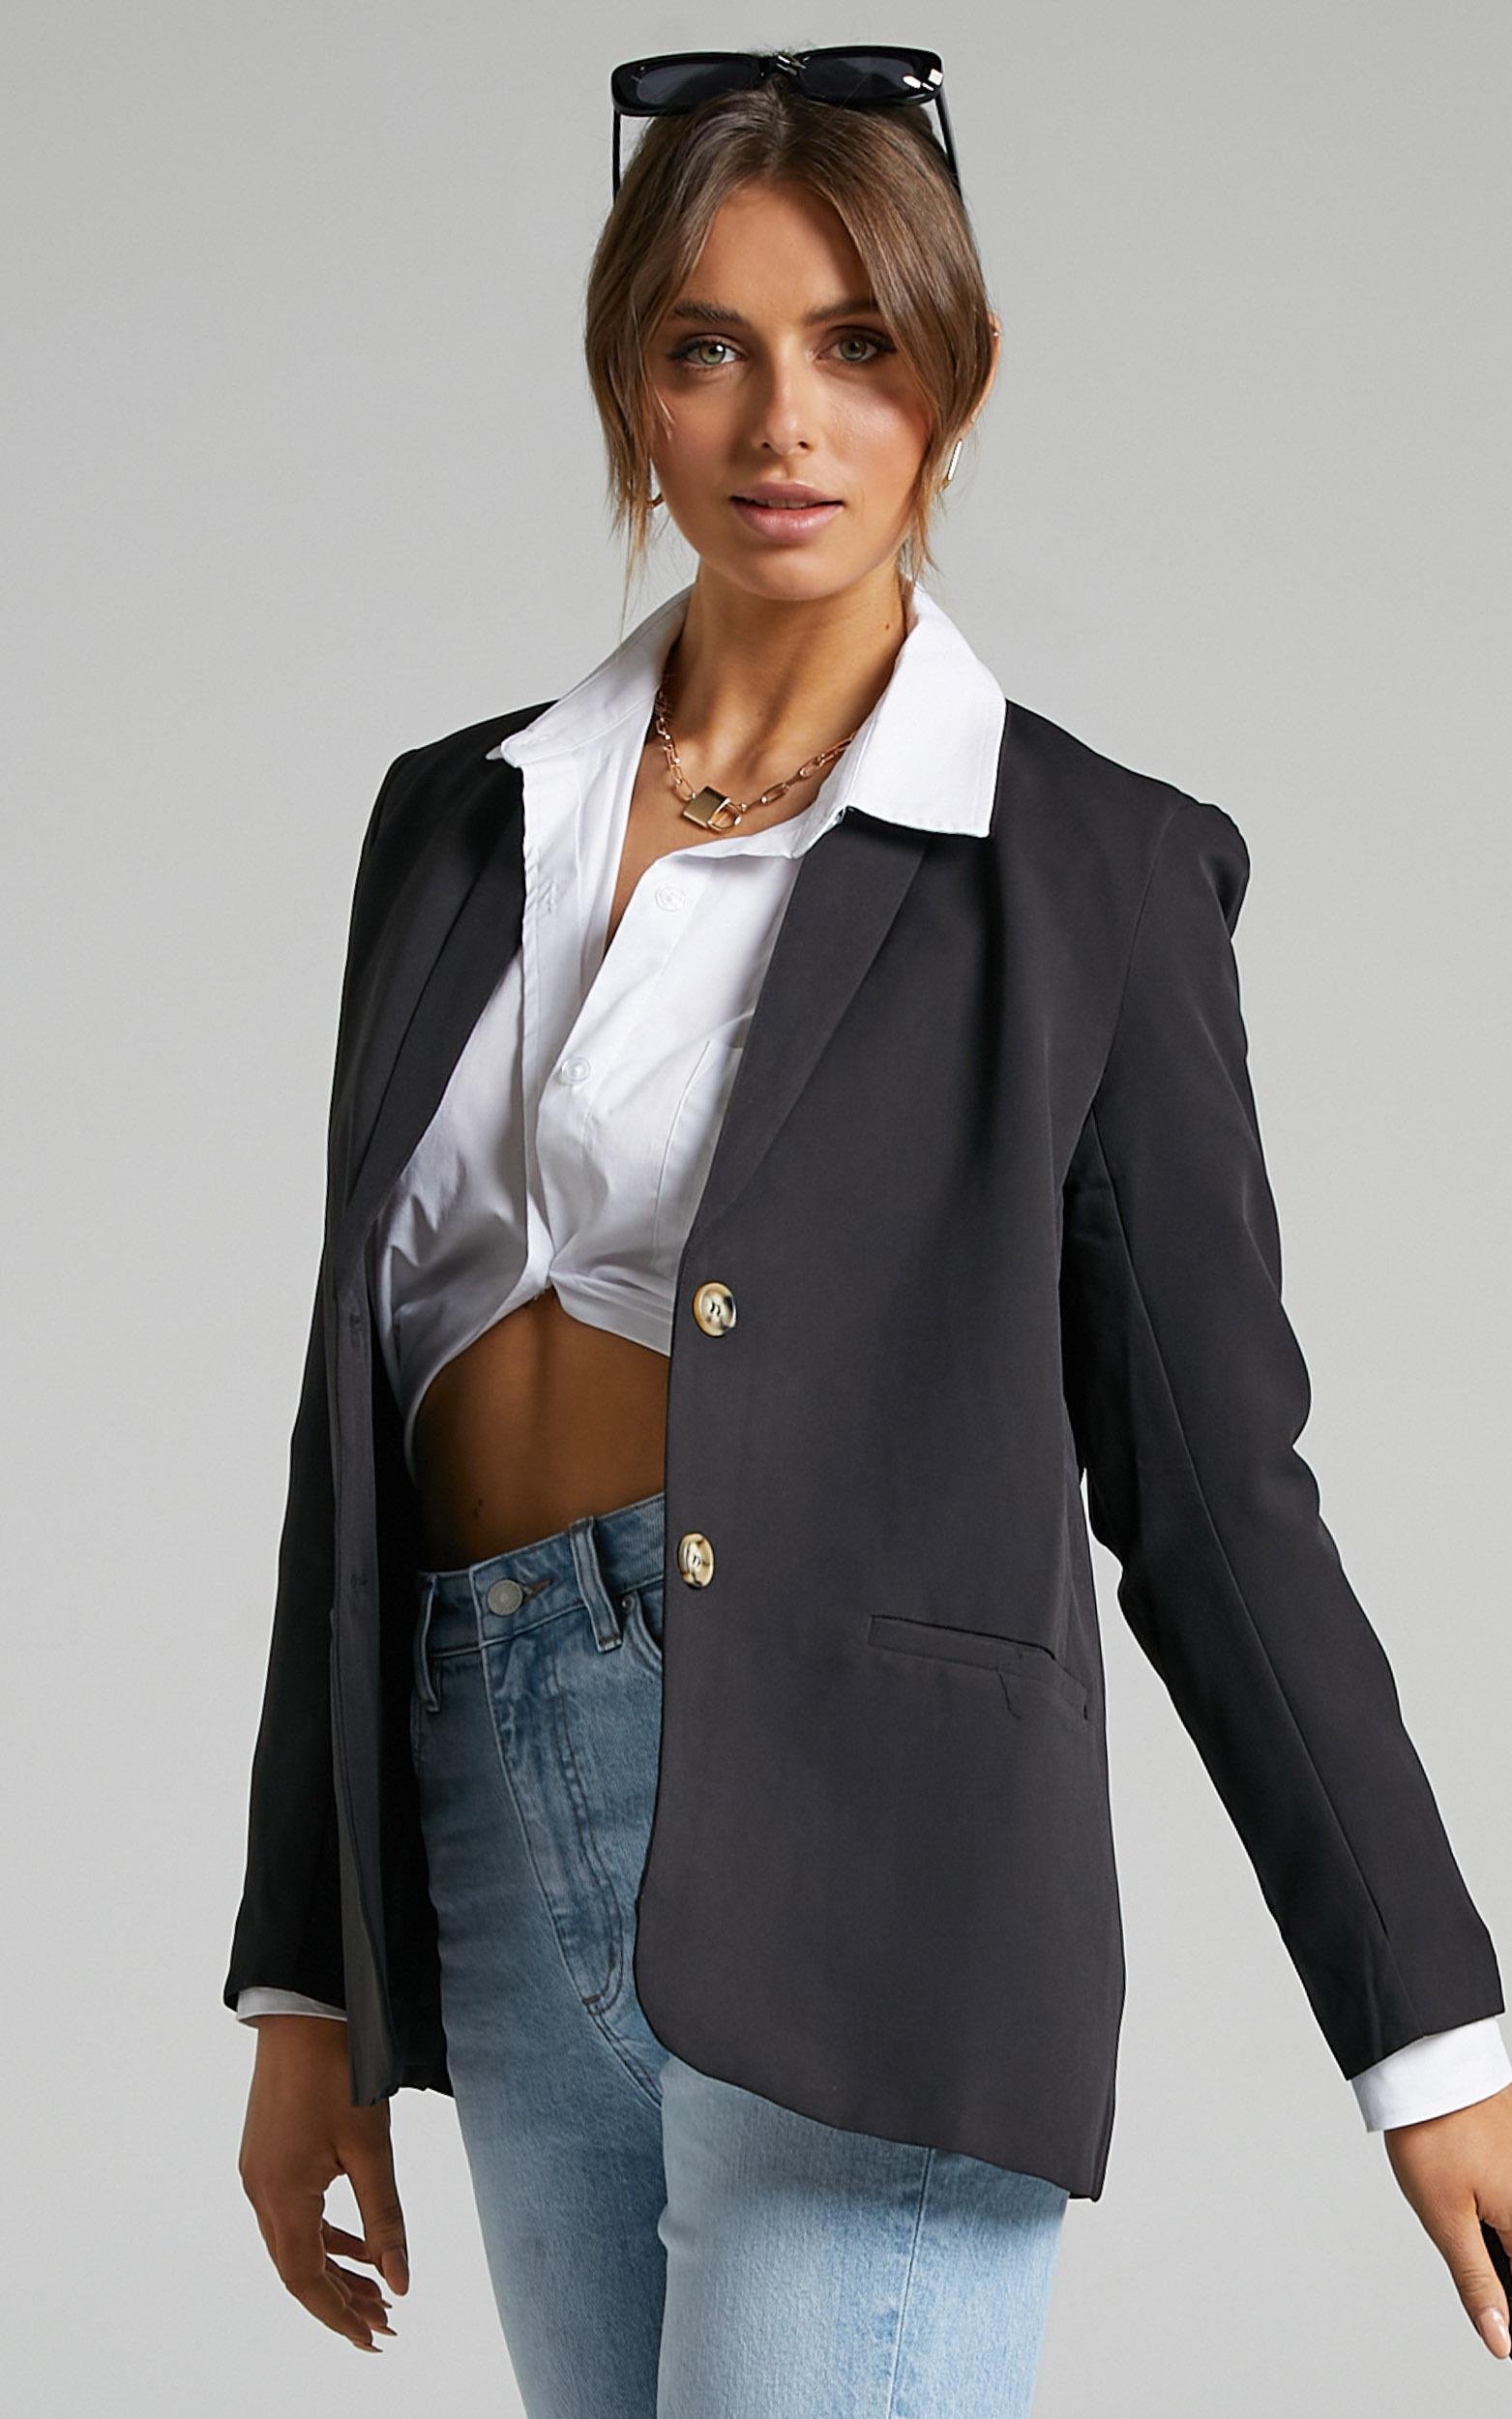 Miss Universe Blazer in Black - 06, BLK1, hi-res image number null